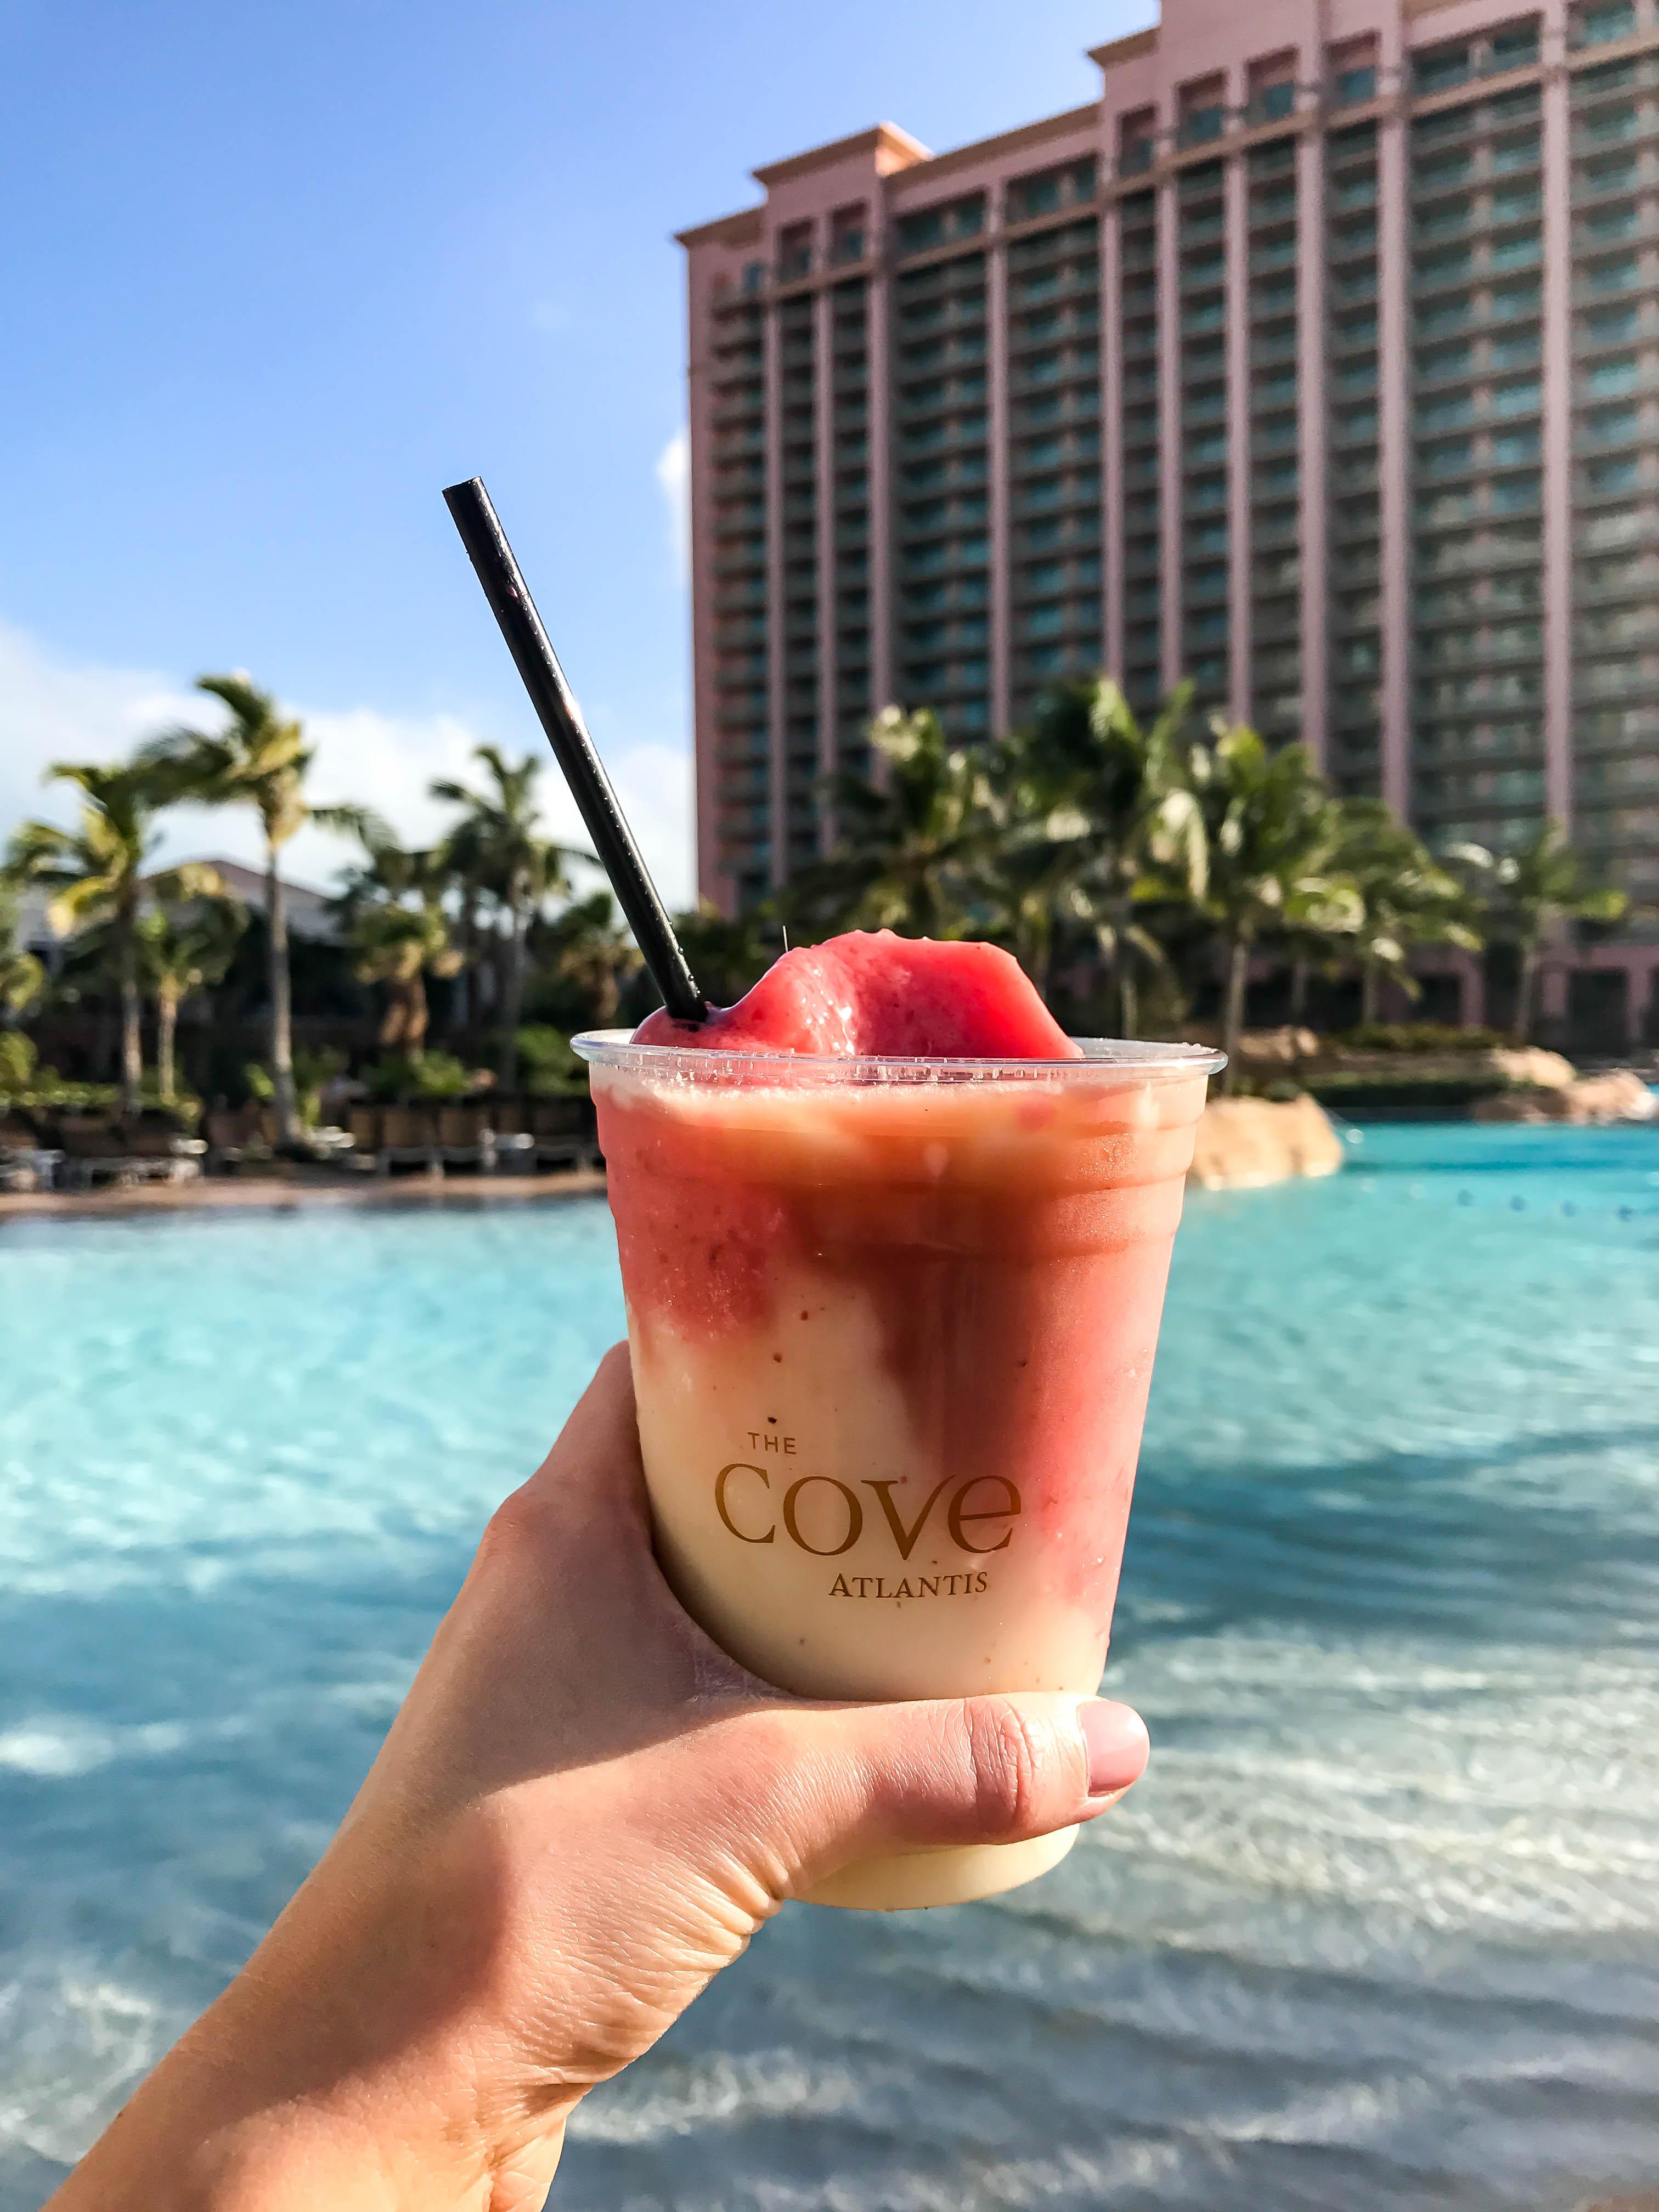 The Cove Atlantis Frozen Cocktail